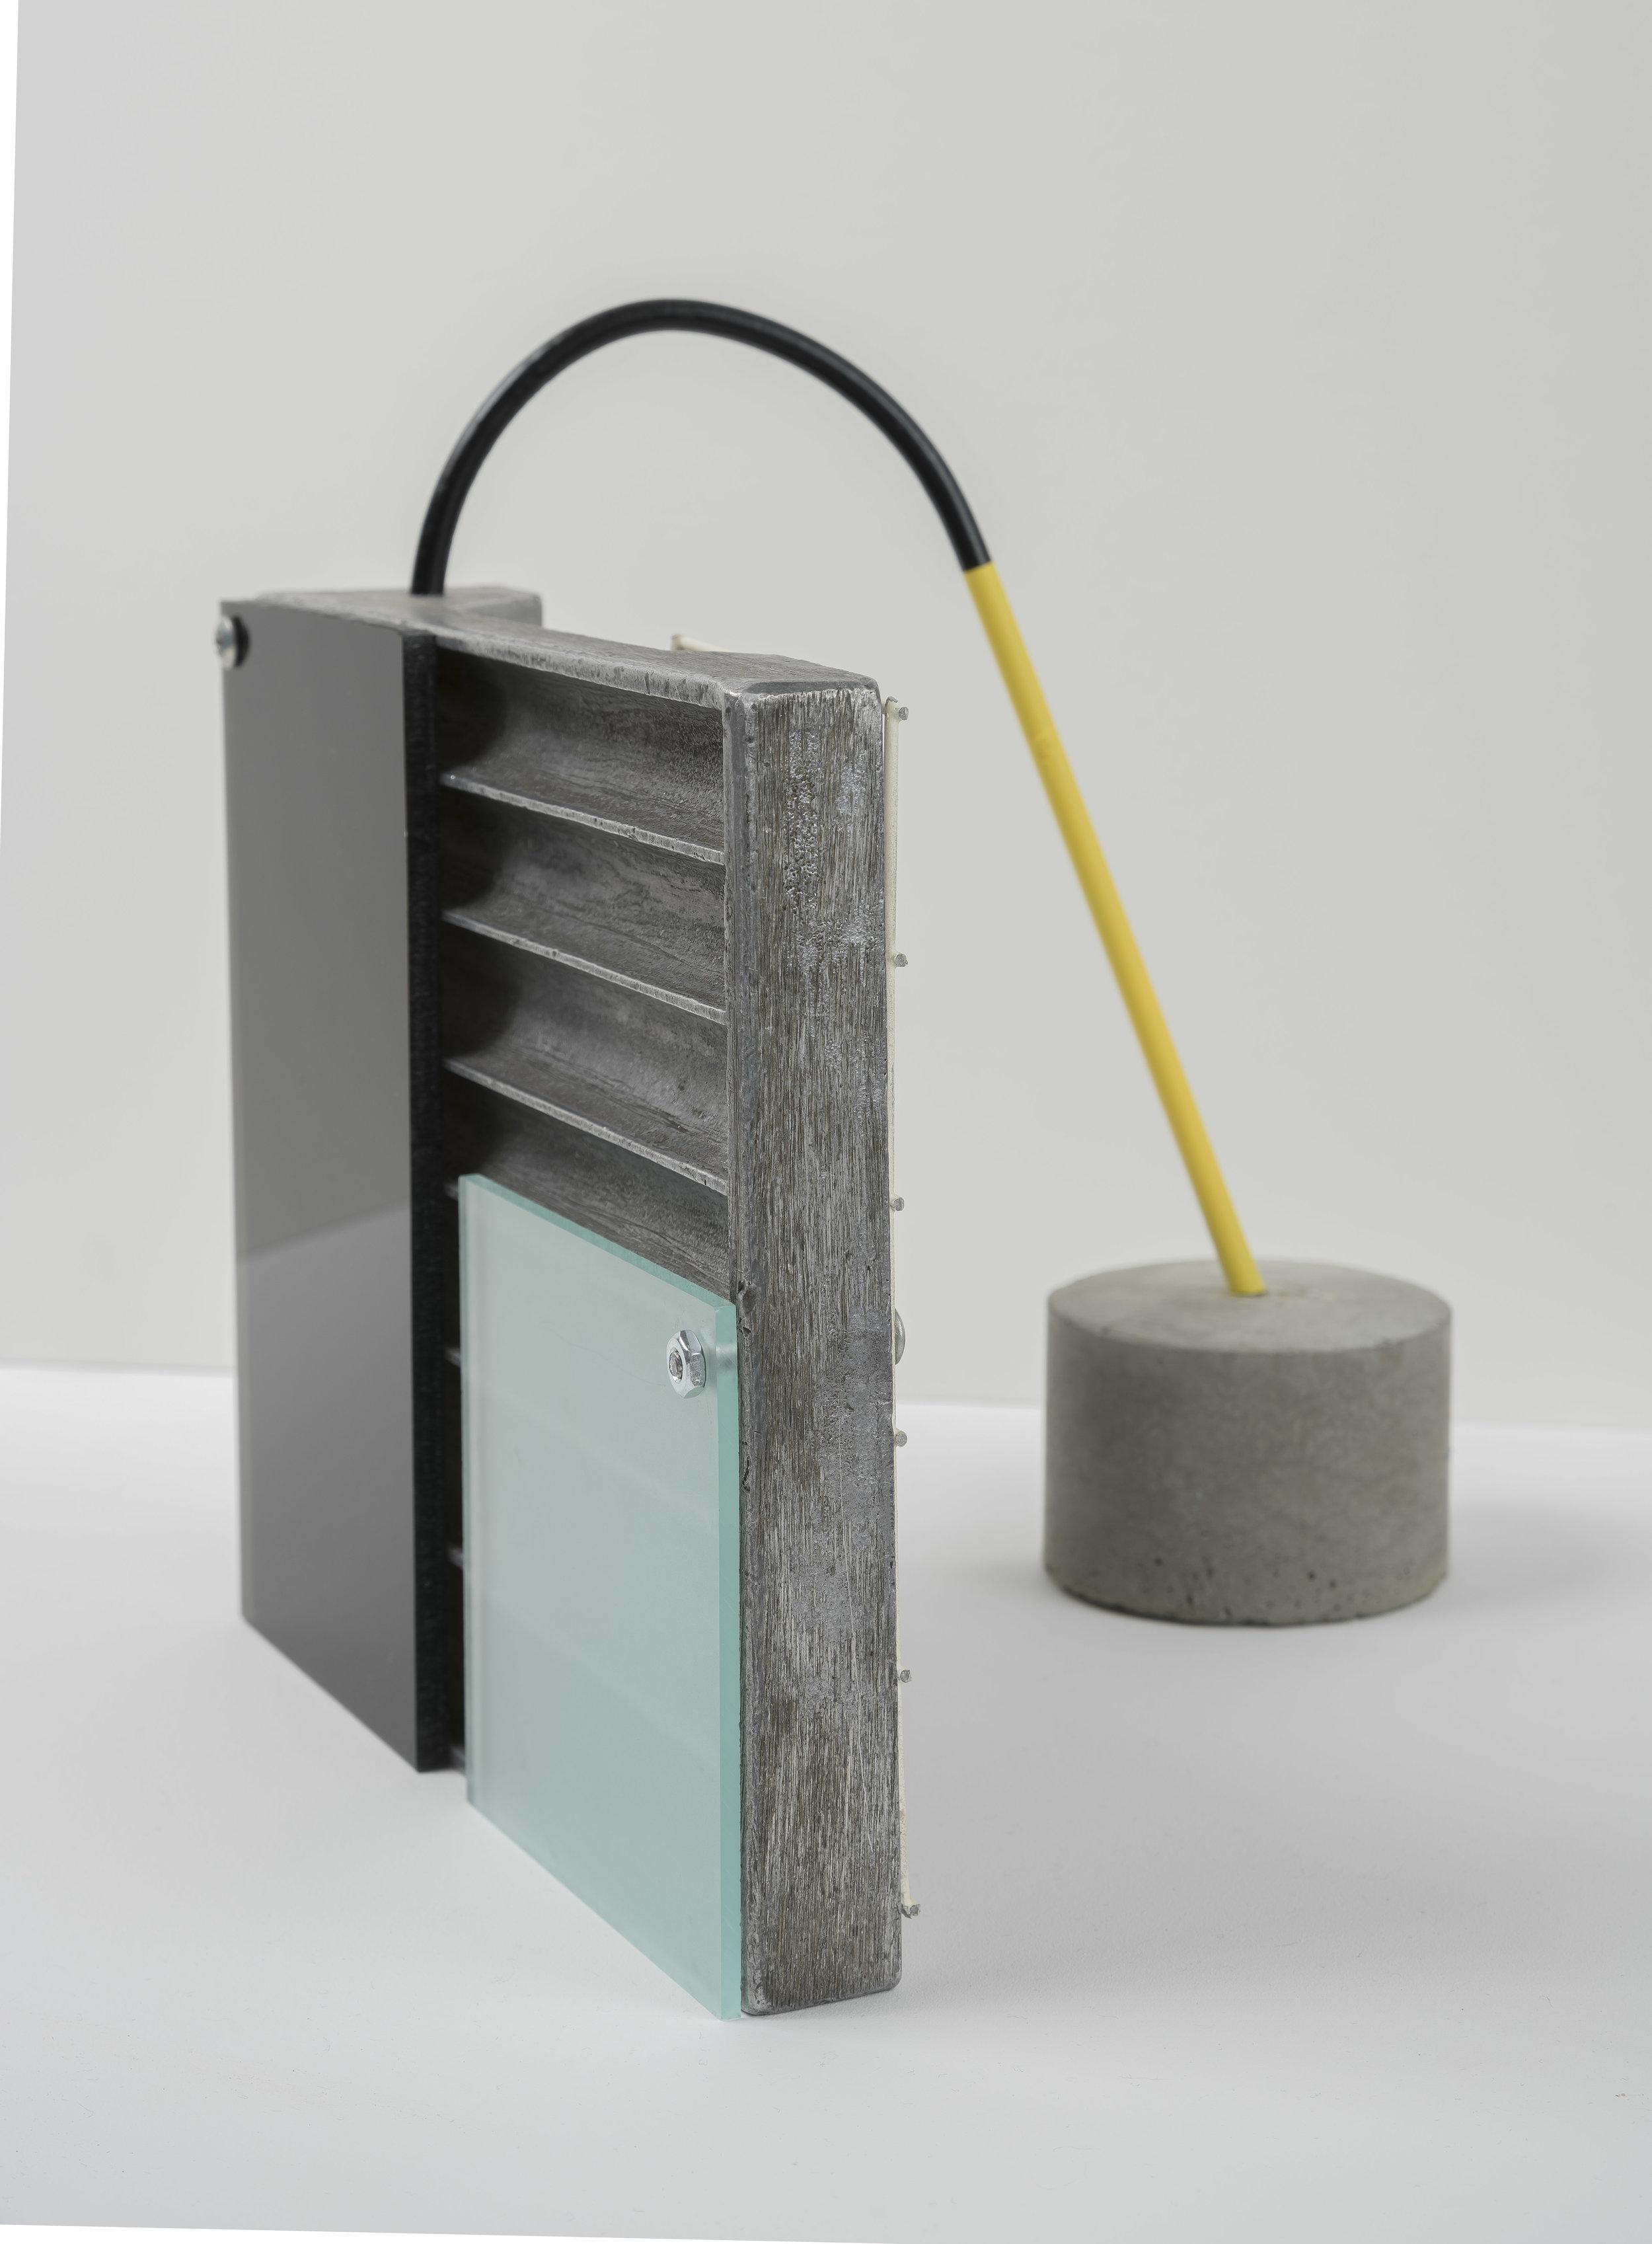 Assemblage l, 2019  aluminum, steel, cement, plexiglass, aerosol paint 8 1/2 x 9 1/2 x 7 inches; 21.6 x 24.1 x 17.8 centimeters  $3,000.00